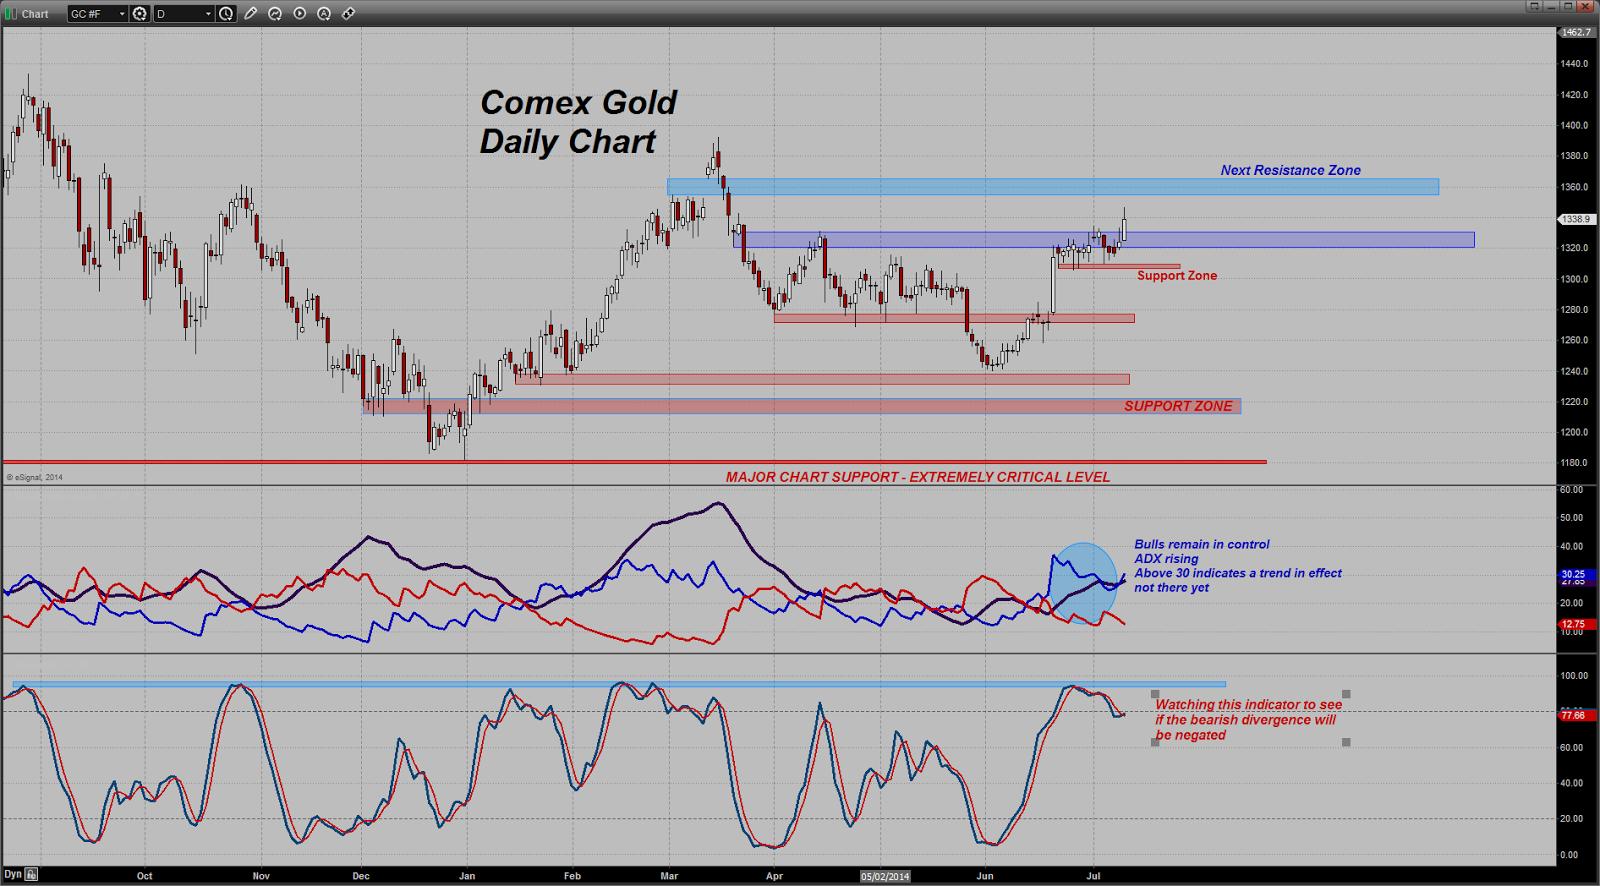 prix de l'or, de l'argent et des minières / suivi quotidien en clôture - Page 13 Chart20140710085732